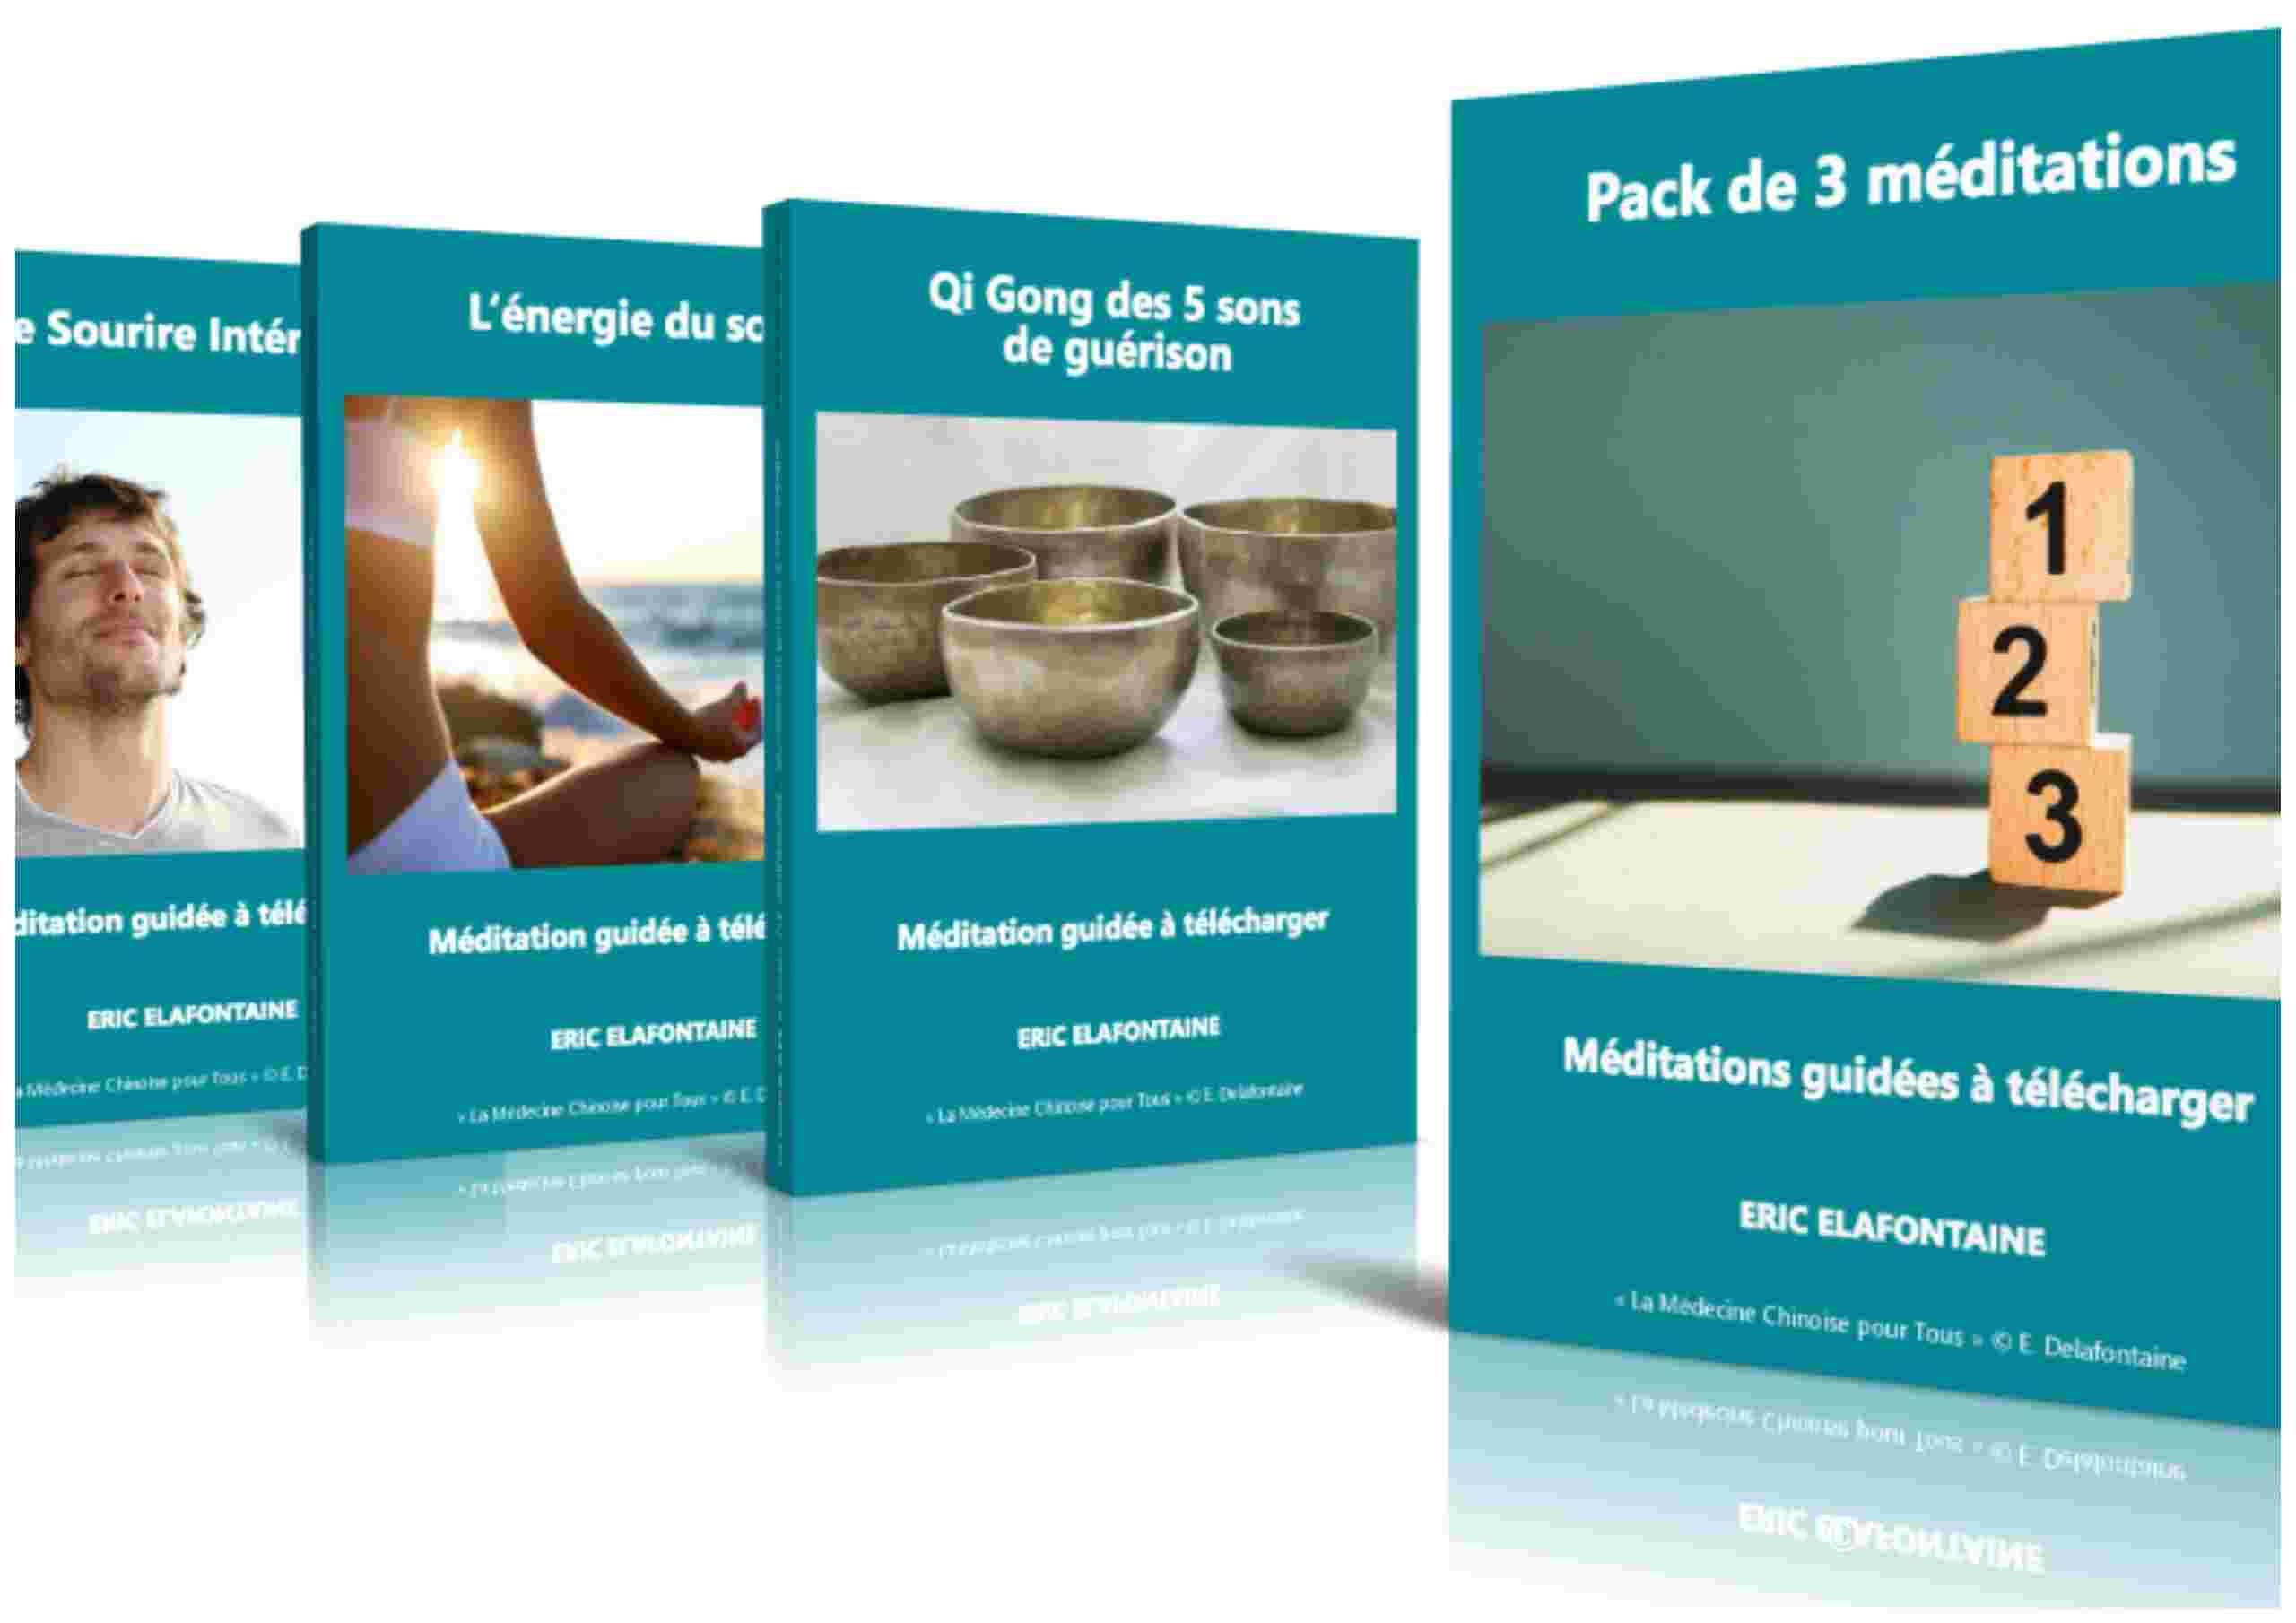 Bouton-pack-meditations-2_V2